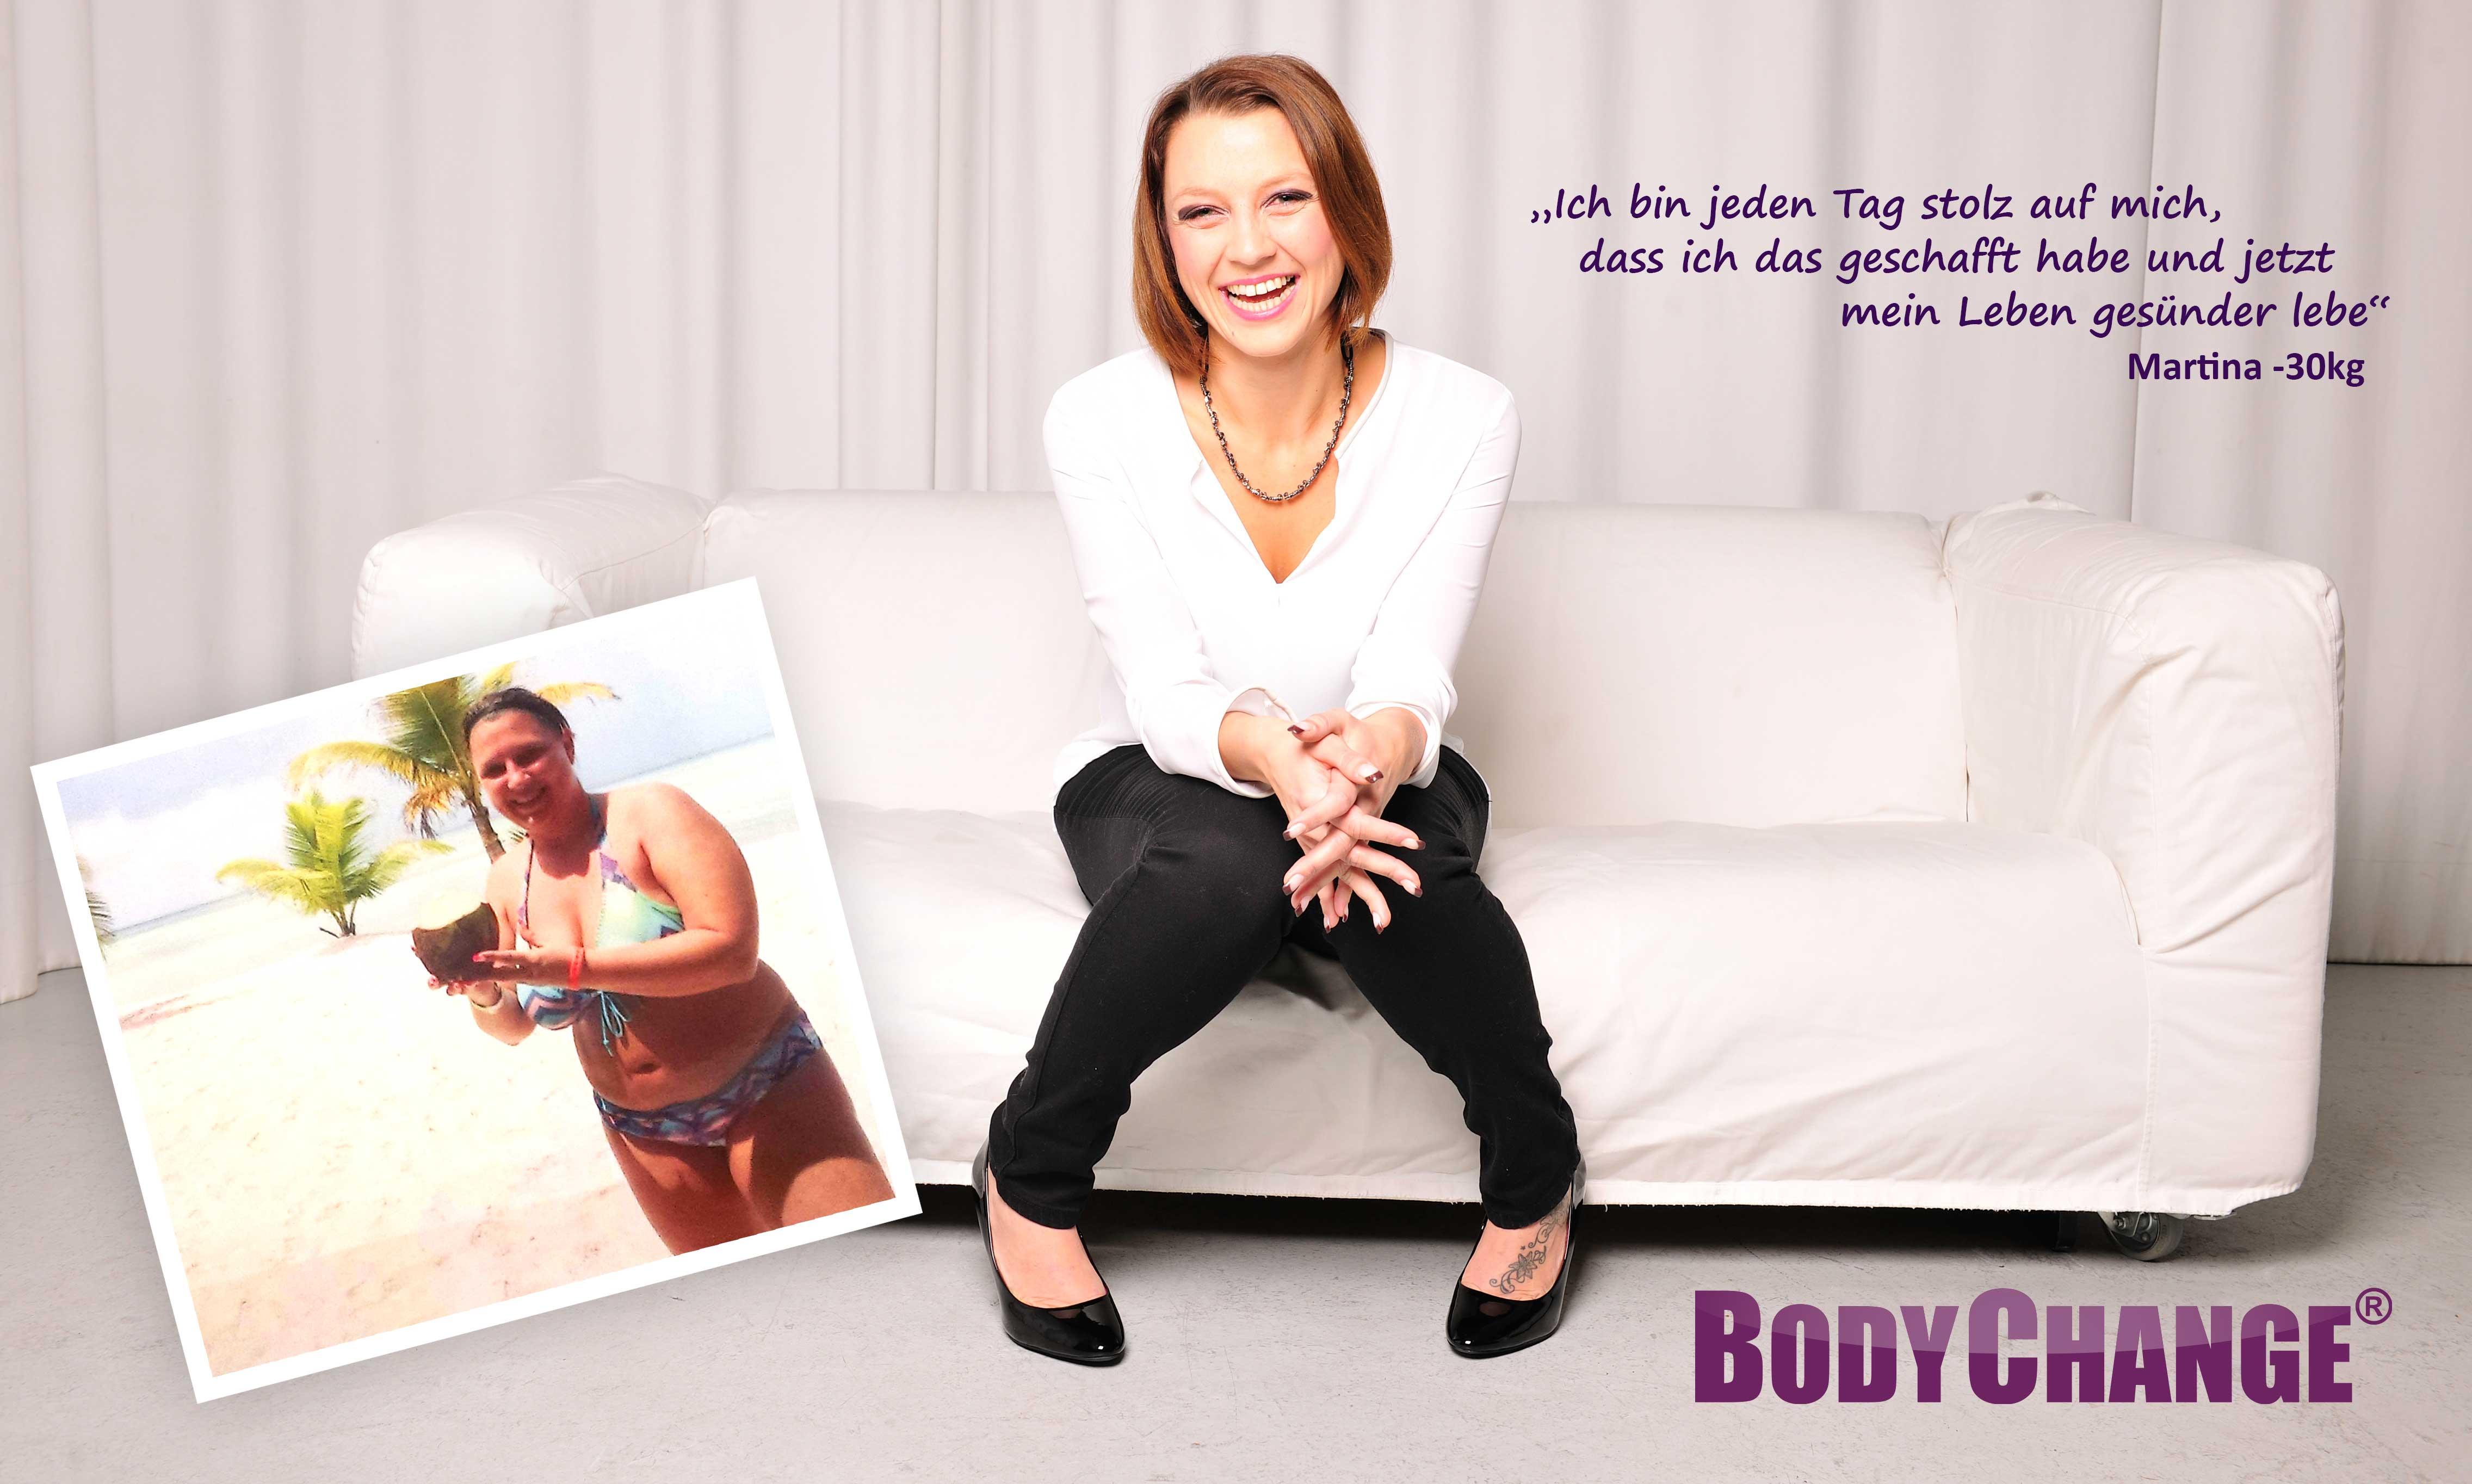 BodyChange_Erfolgsgeschichte_Martina_30kg